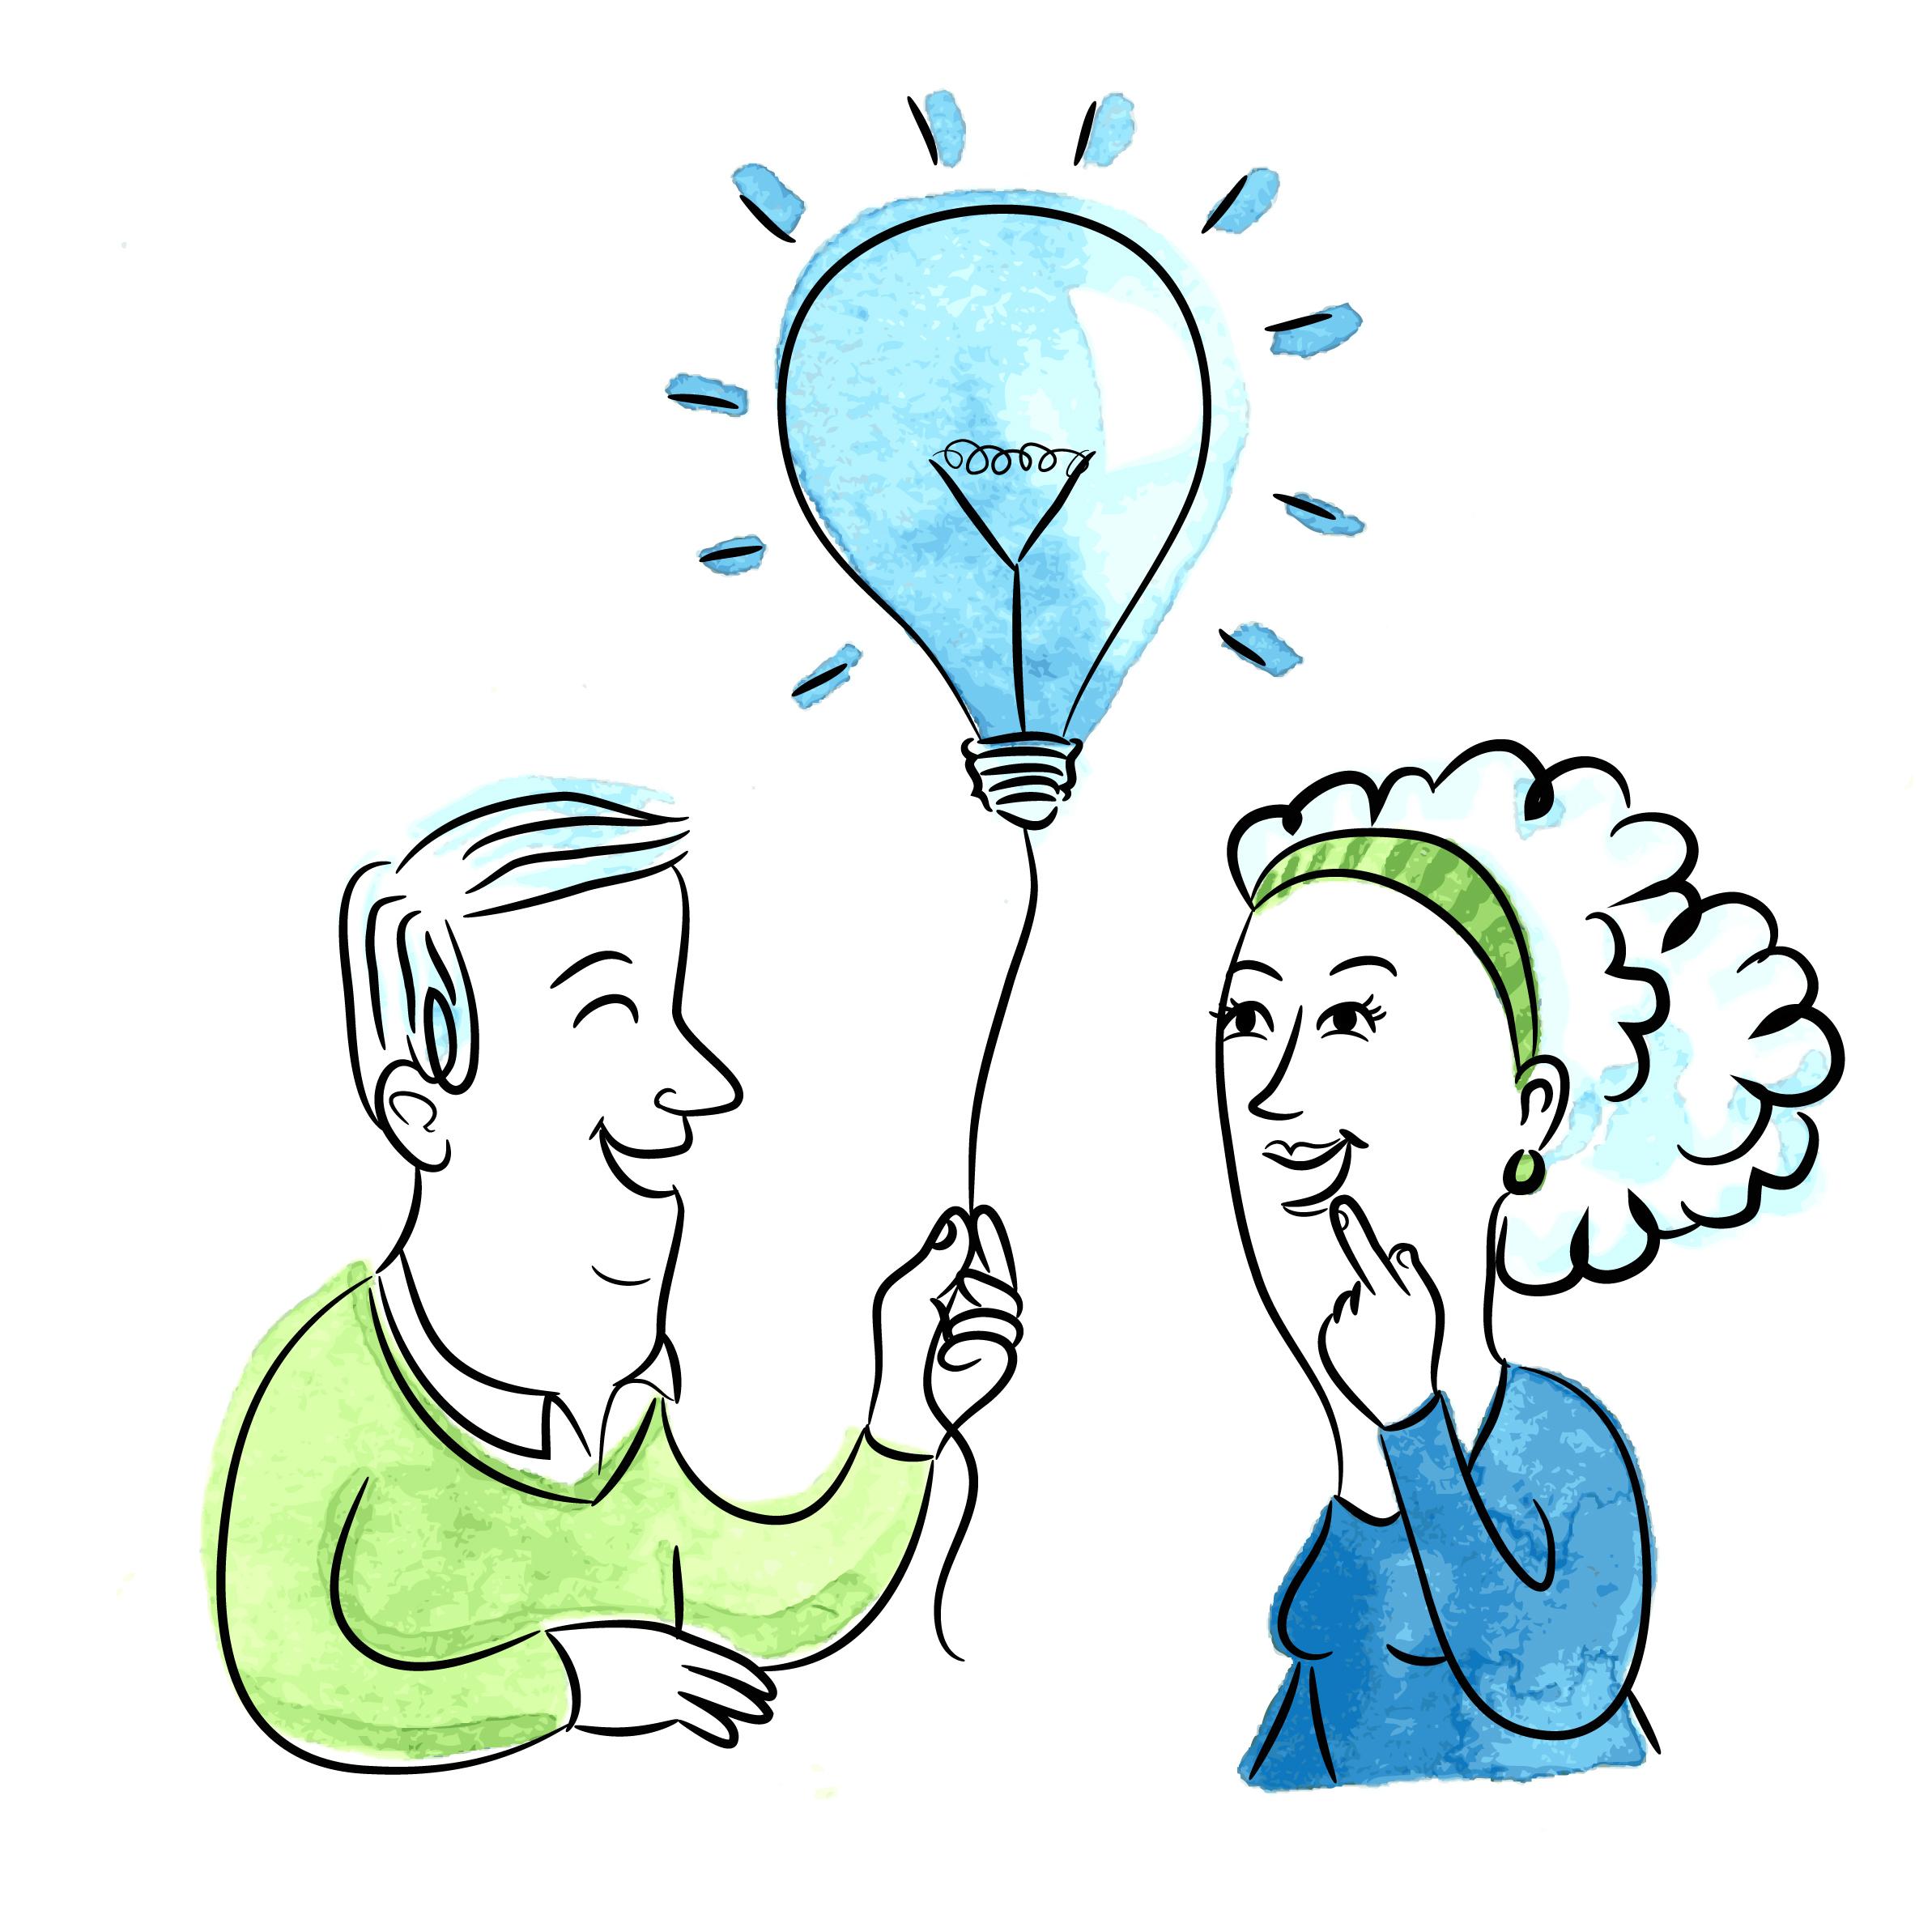 man handling a balloon shaped as an idea bulb to a woman